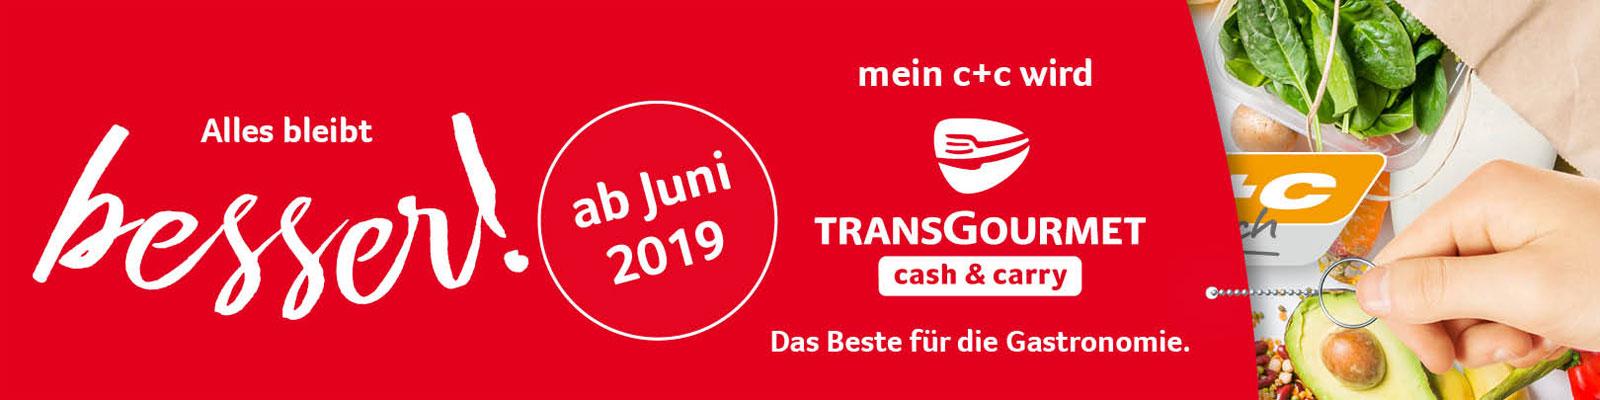 Transgourmet Cash&Carry